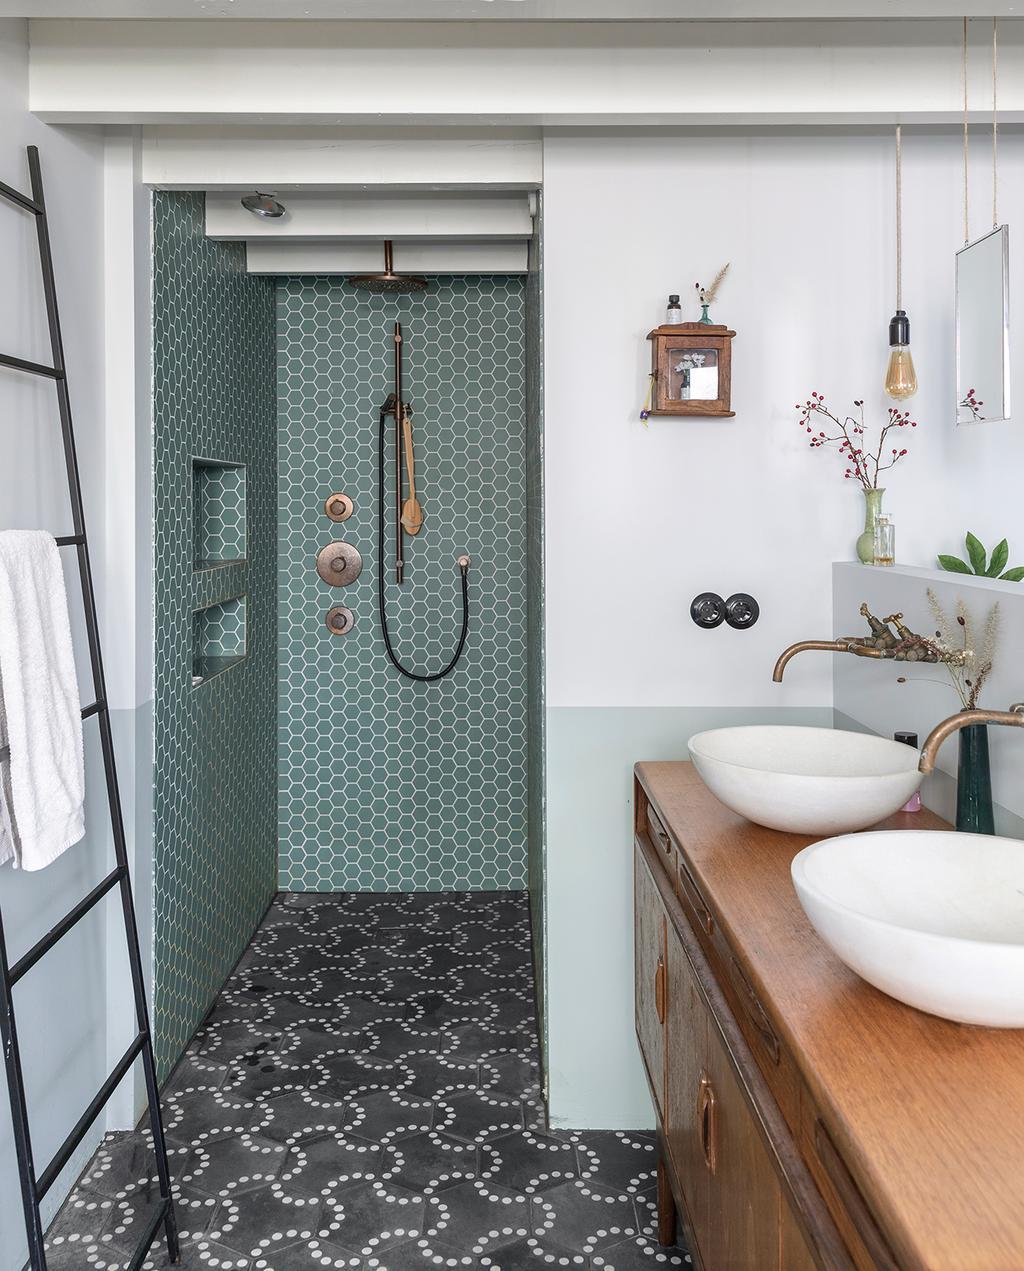 vtwonen 04-2020 | badkamer met patroon tegels en ronde wasbakken Amsterdam